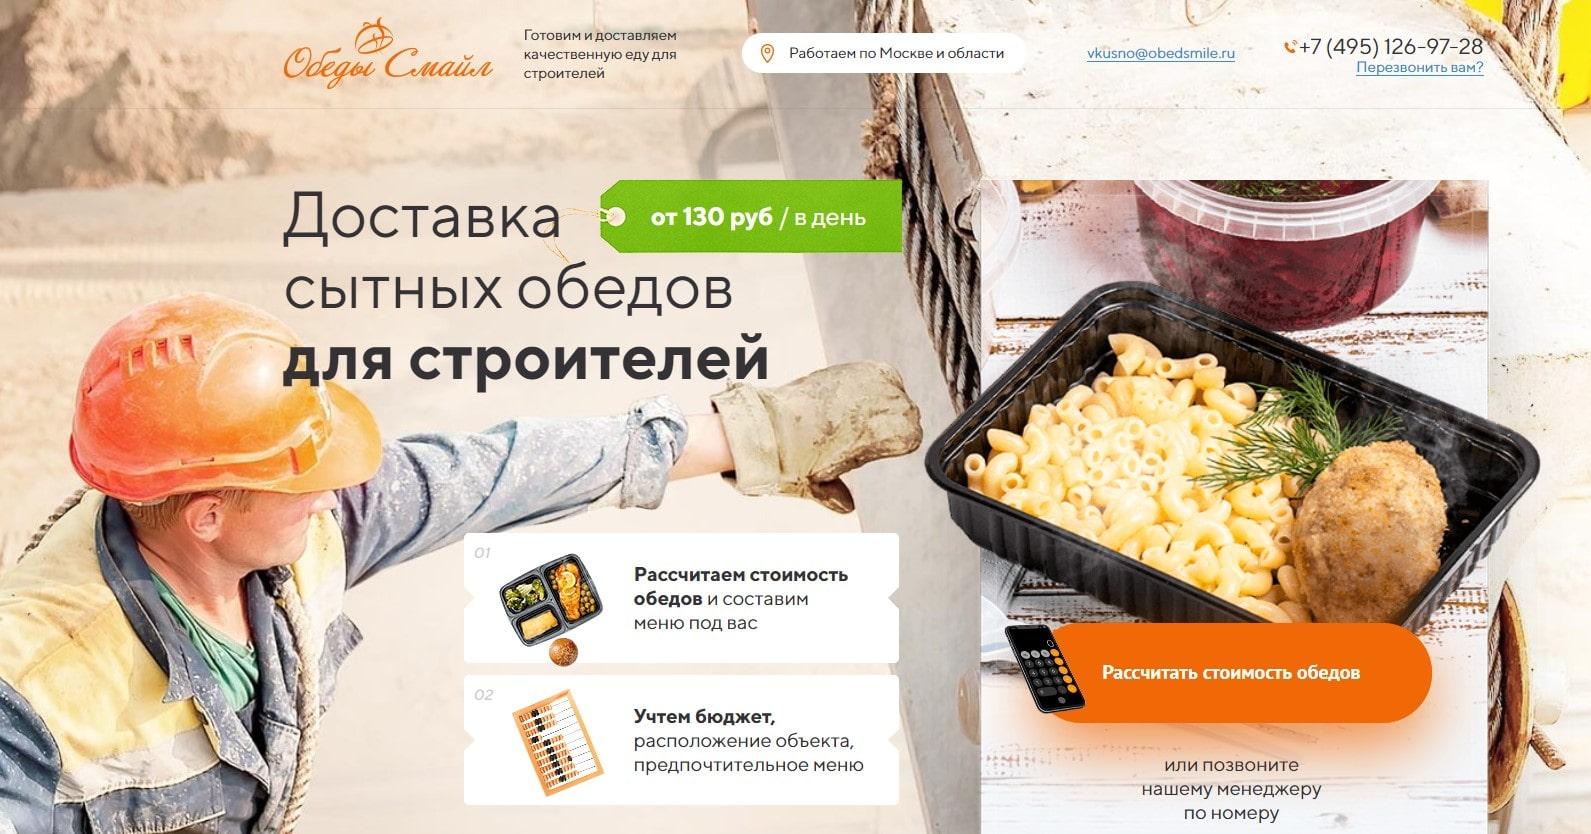 Обеды Смайл — доставка сытных обедов строителям от 130 руб. / день